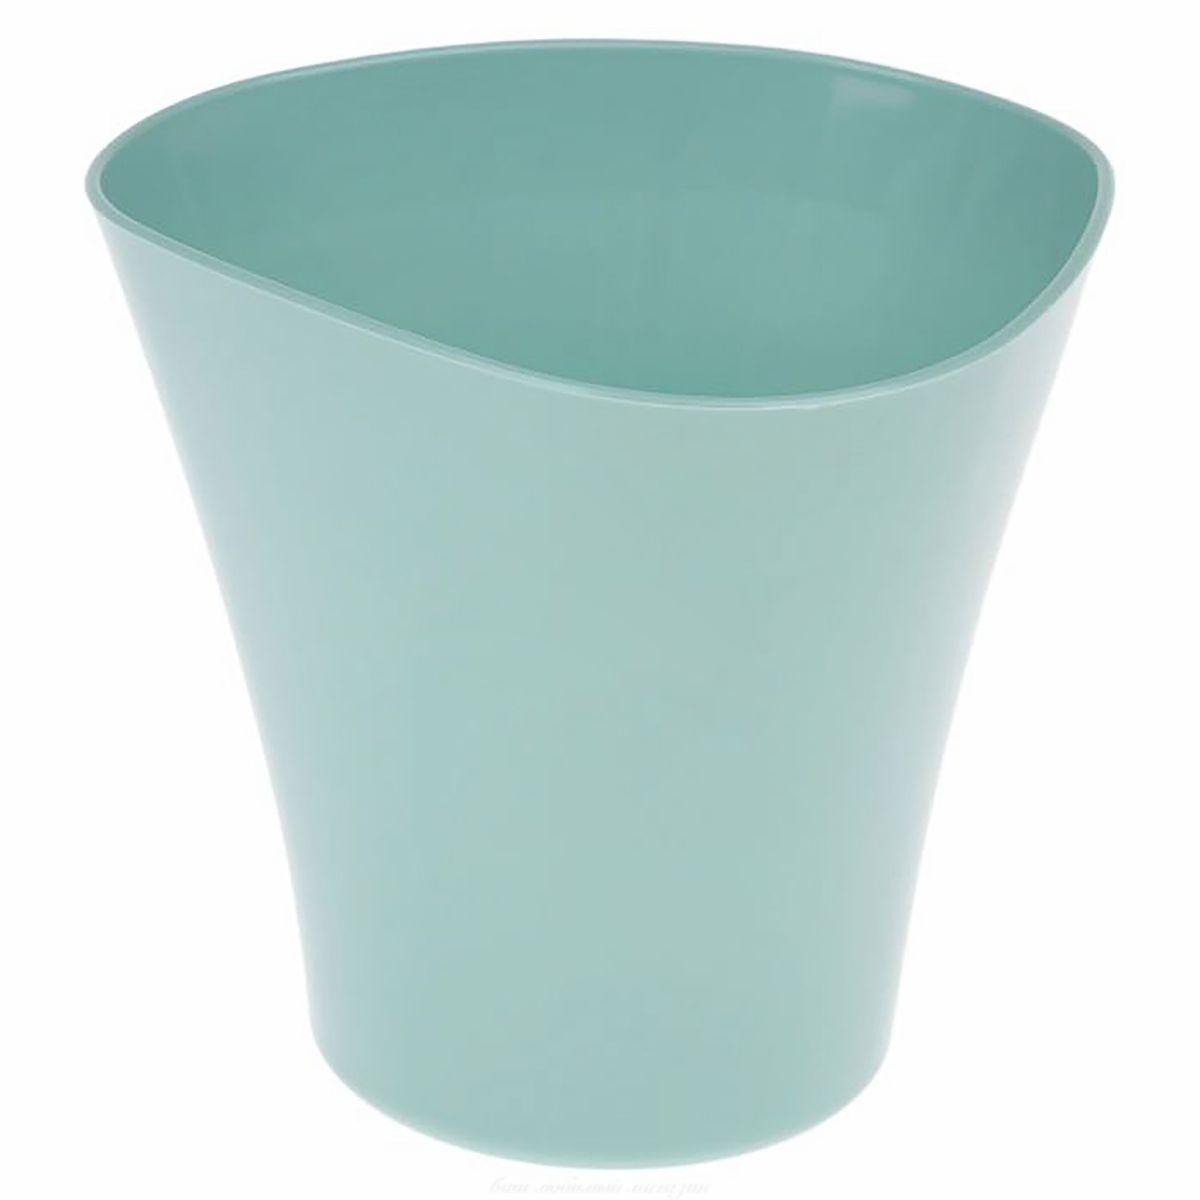 Кашпо JetPlast Волна, цвет: нефритовый, 1,5 л4612754051892Кашпо Волна имеет уникальную форму, сочетающуюся как с классическим, так и с современным дизайном интерьера. Оно изготовлено из прочного полипропилена (пластика) и предназначено для выращивания растений, цветов и трав в домашних условиях. Такое кашпо порадует вас функциональностью, а благодаря лаконичному дизайну впишется в любой интерьер помещения. Объем кашпо: 1,5 л.